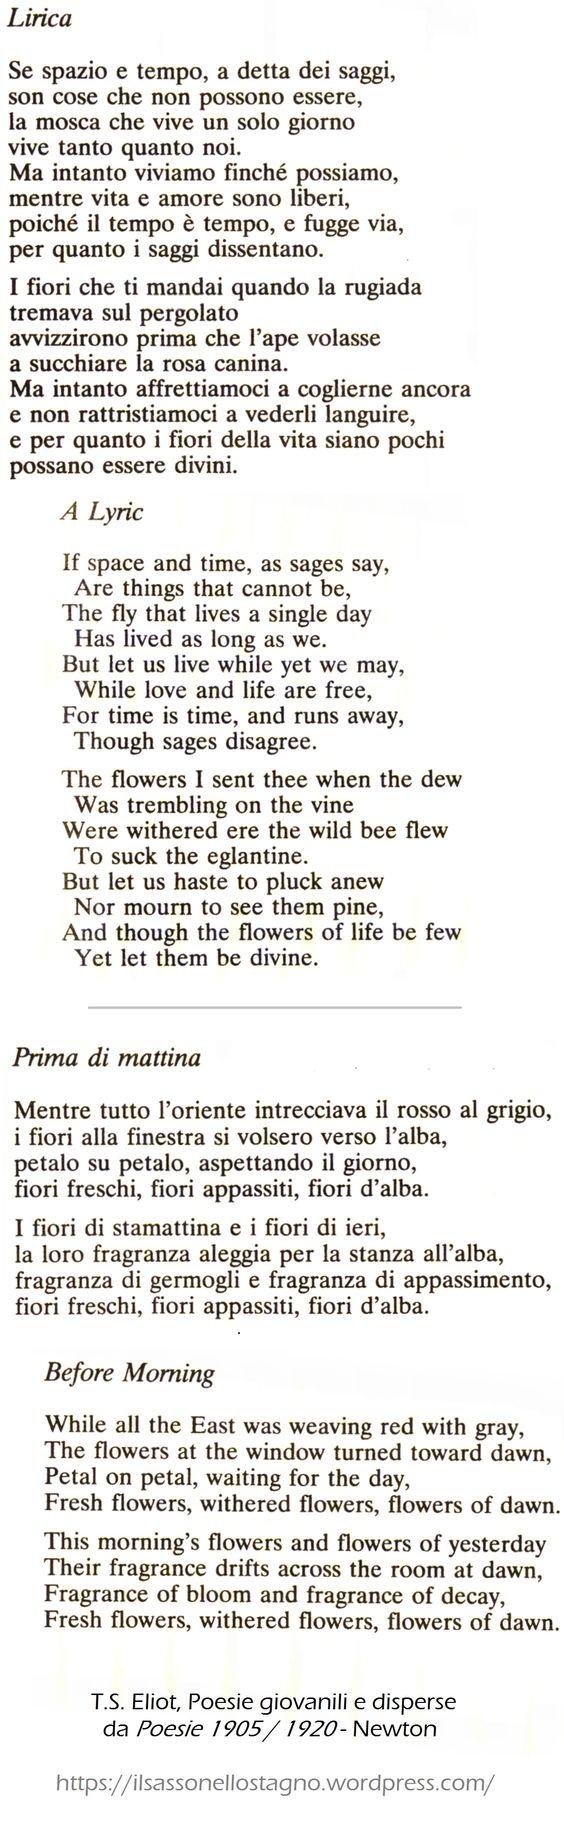 T.S.Eliot by Il sasso nello stagno di AnGre